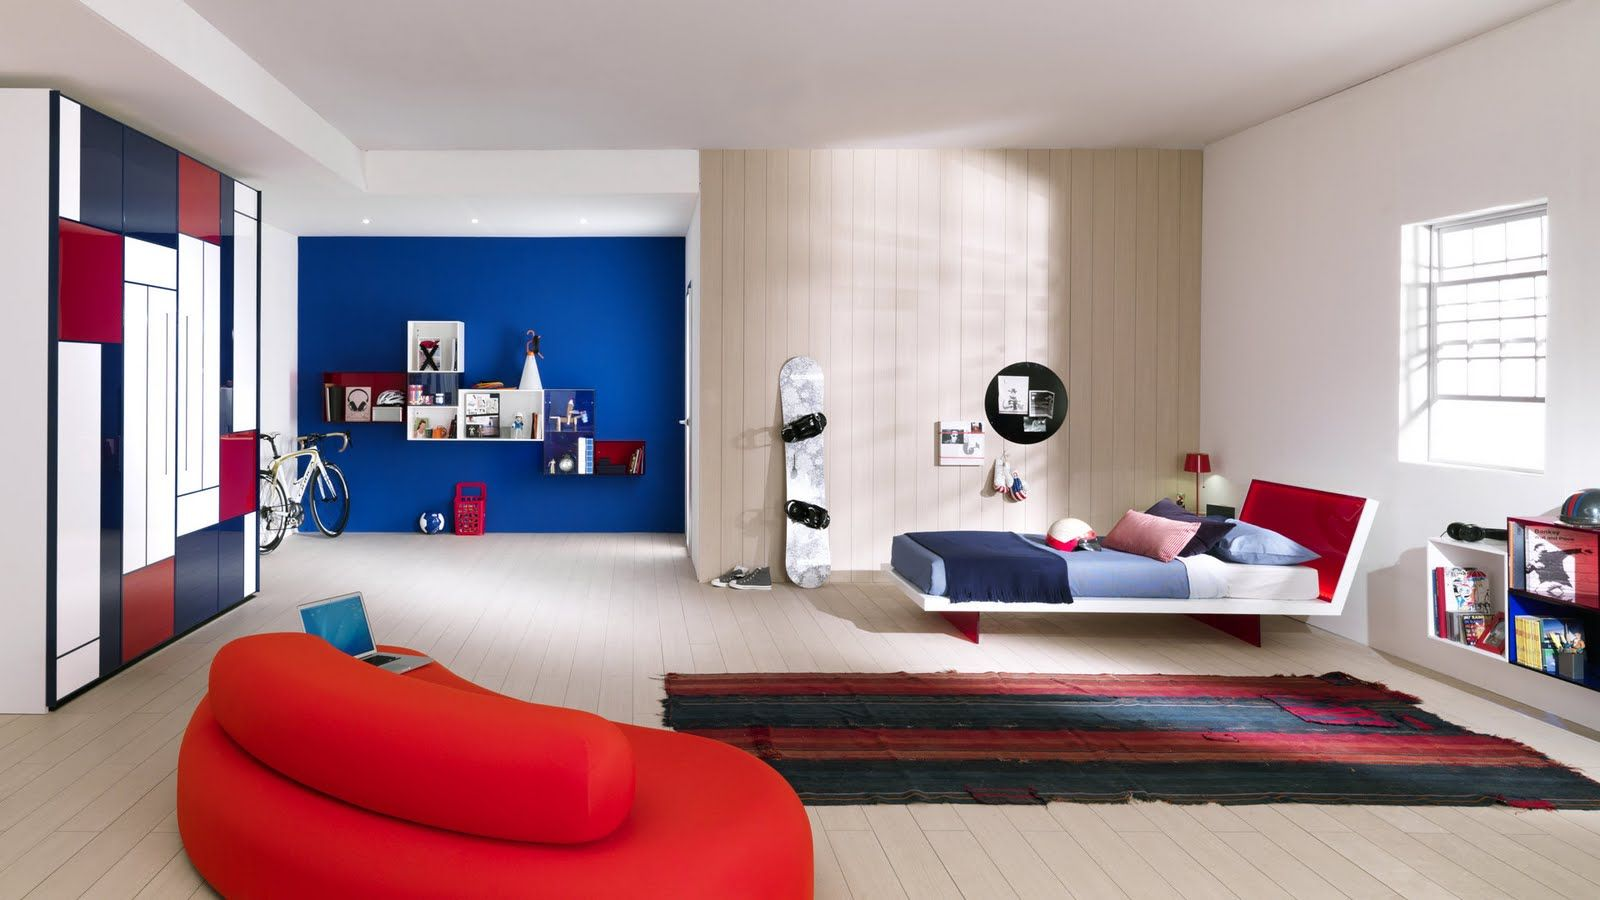 La decoraci n de las habitaciones juveniles puede ser - Habitaciones juveniles decoracion ...